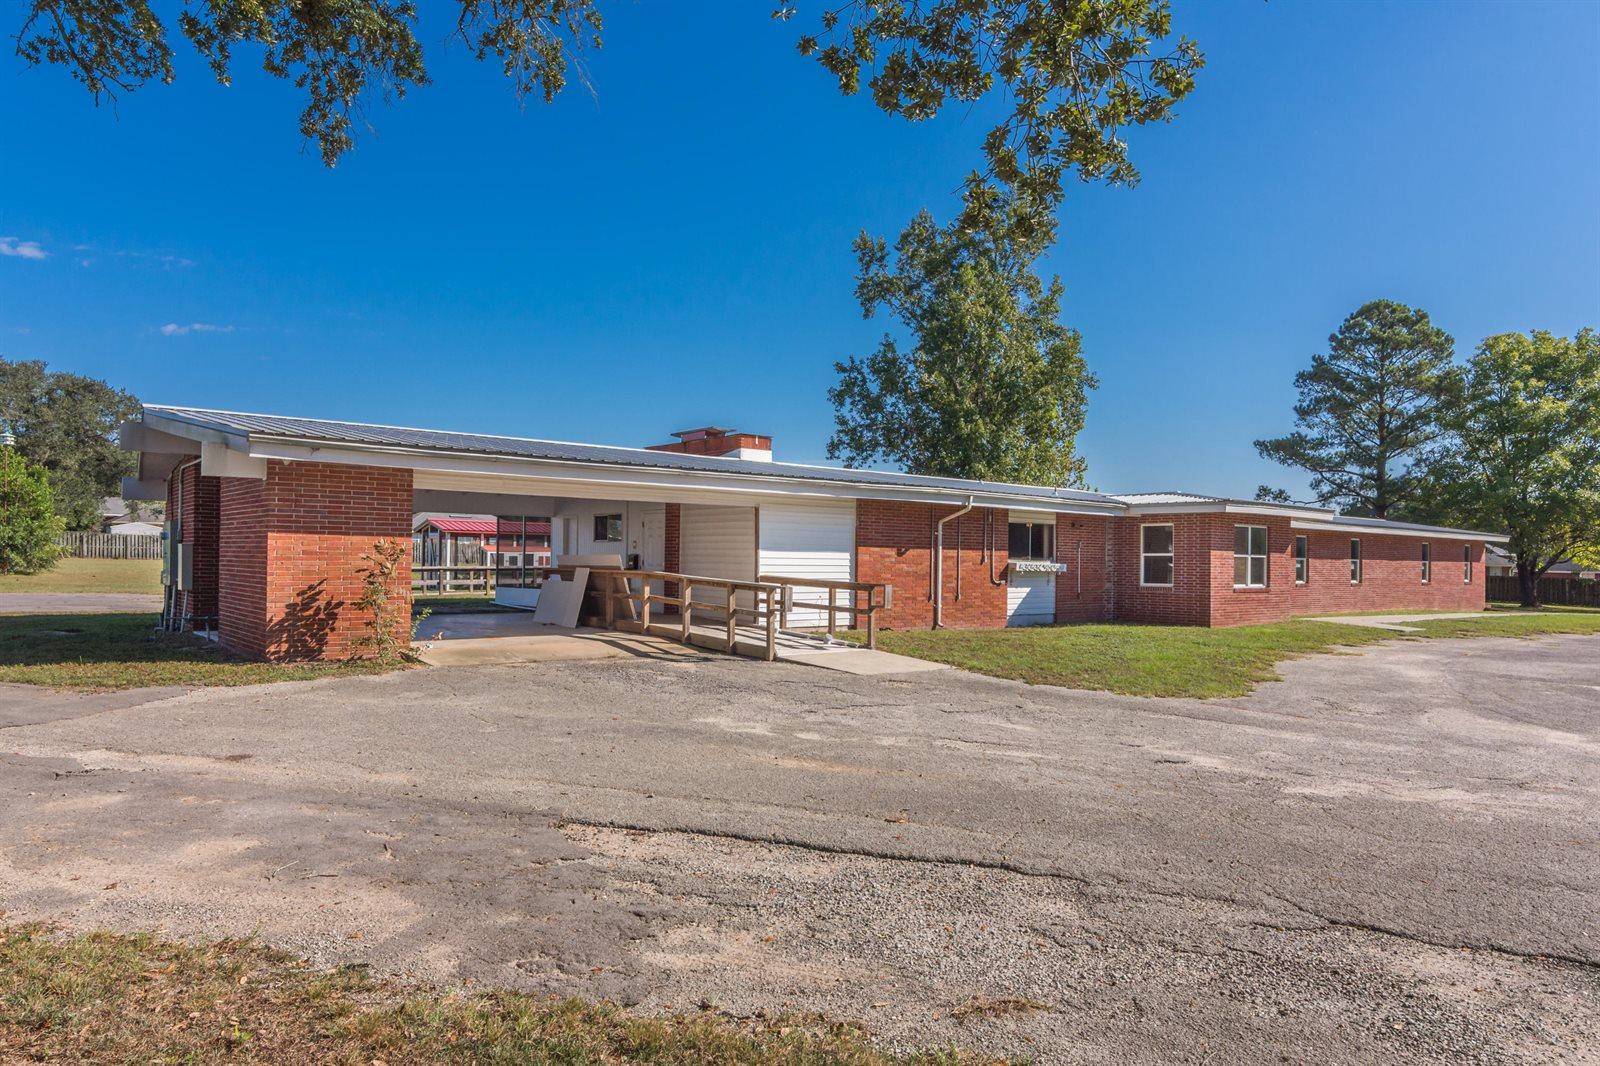 2301 Highway 90, Crestview, FL 32536